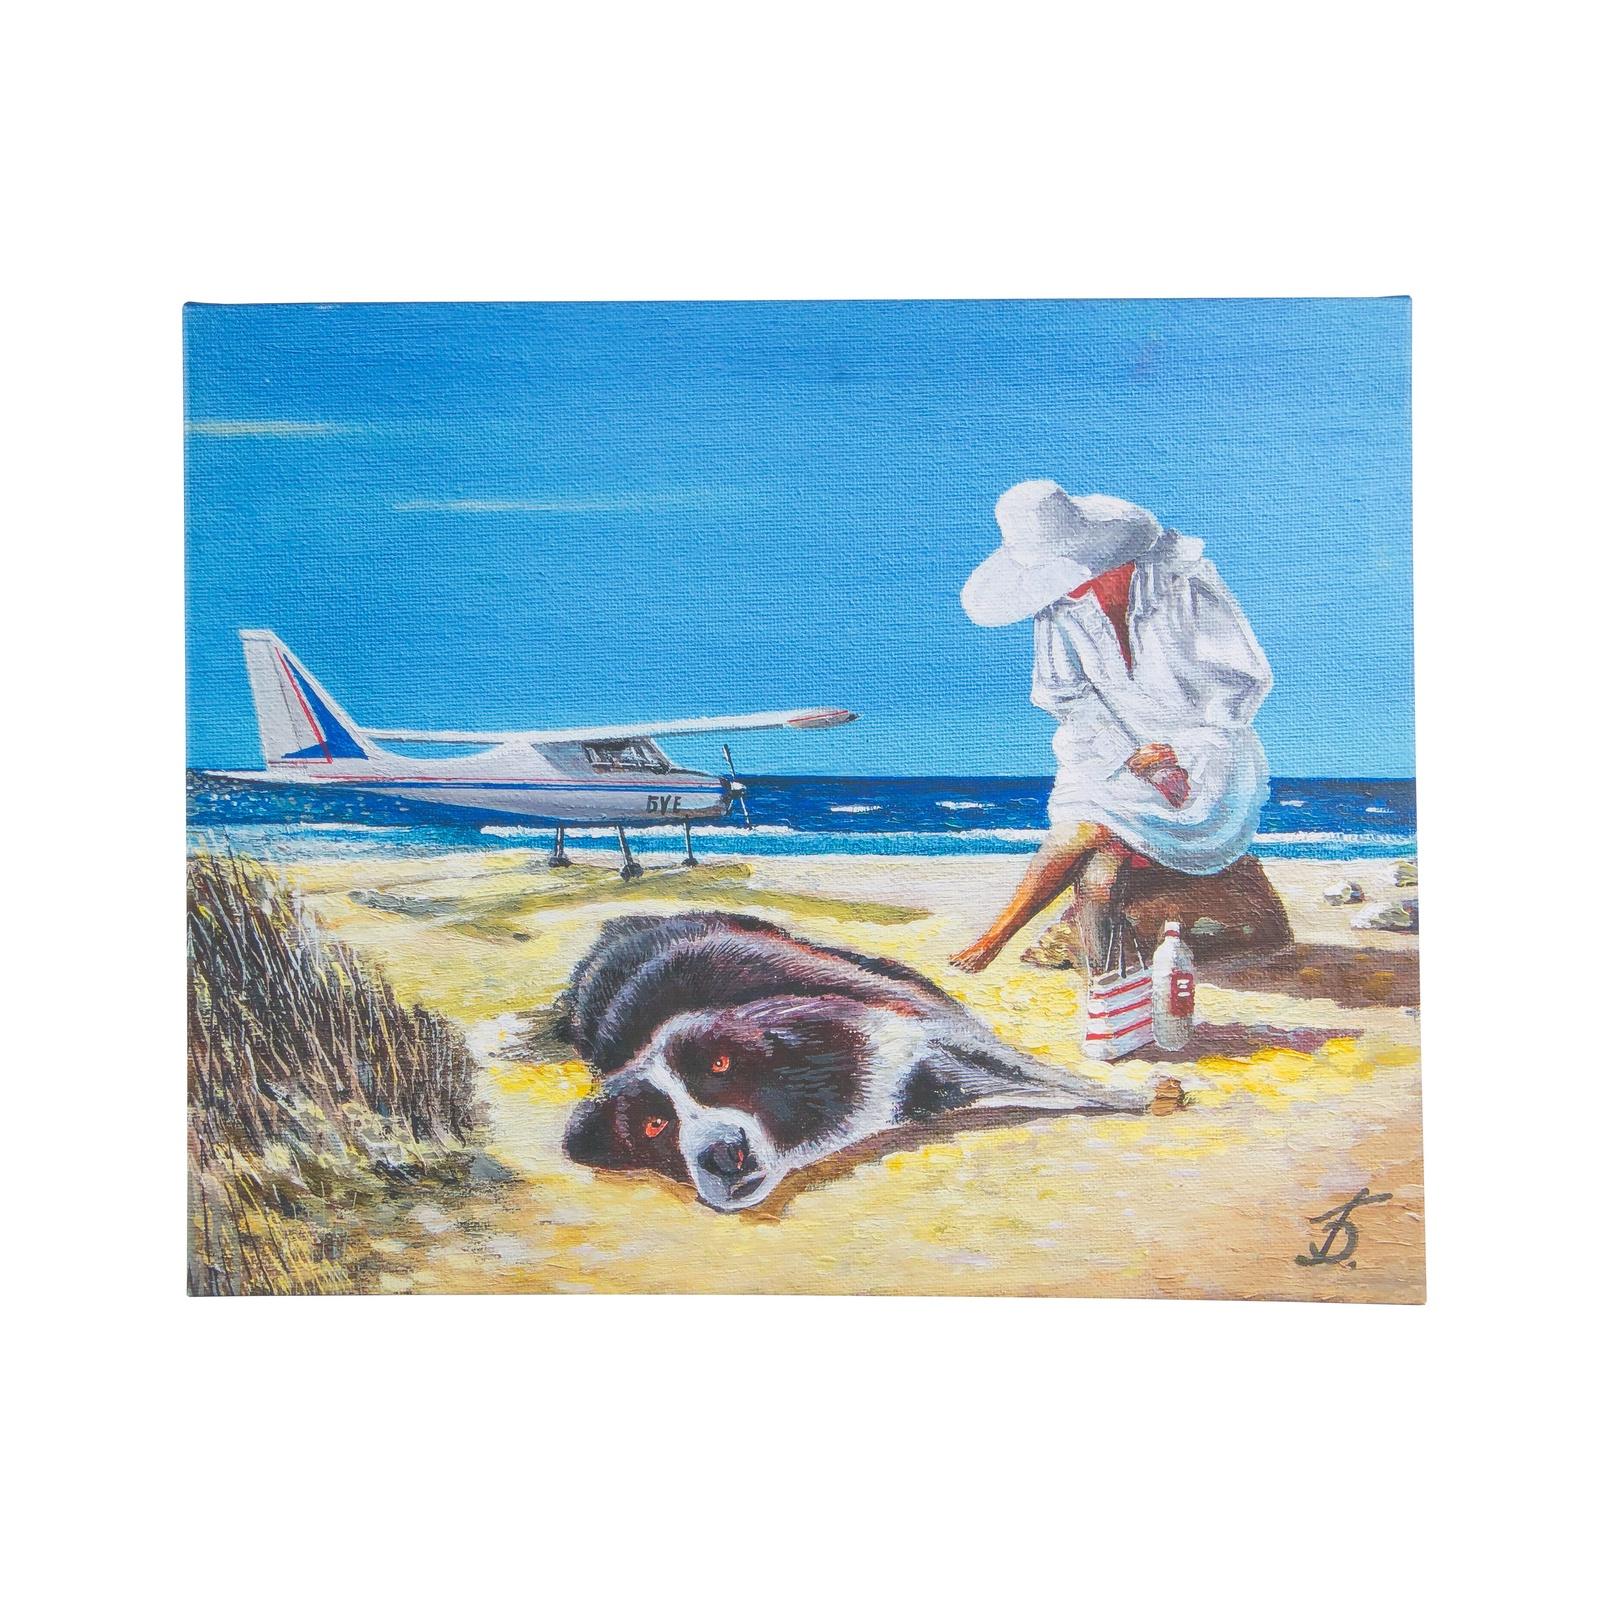 цена на Картина Impression Style 0044, Холст